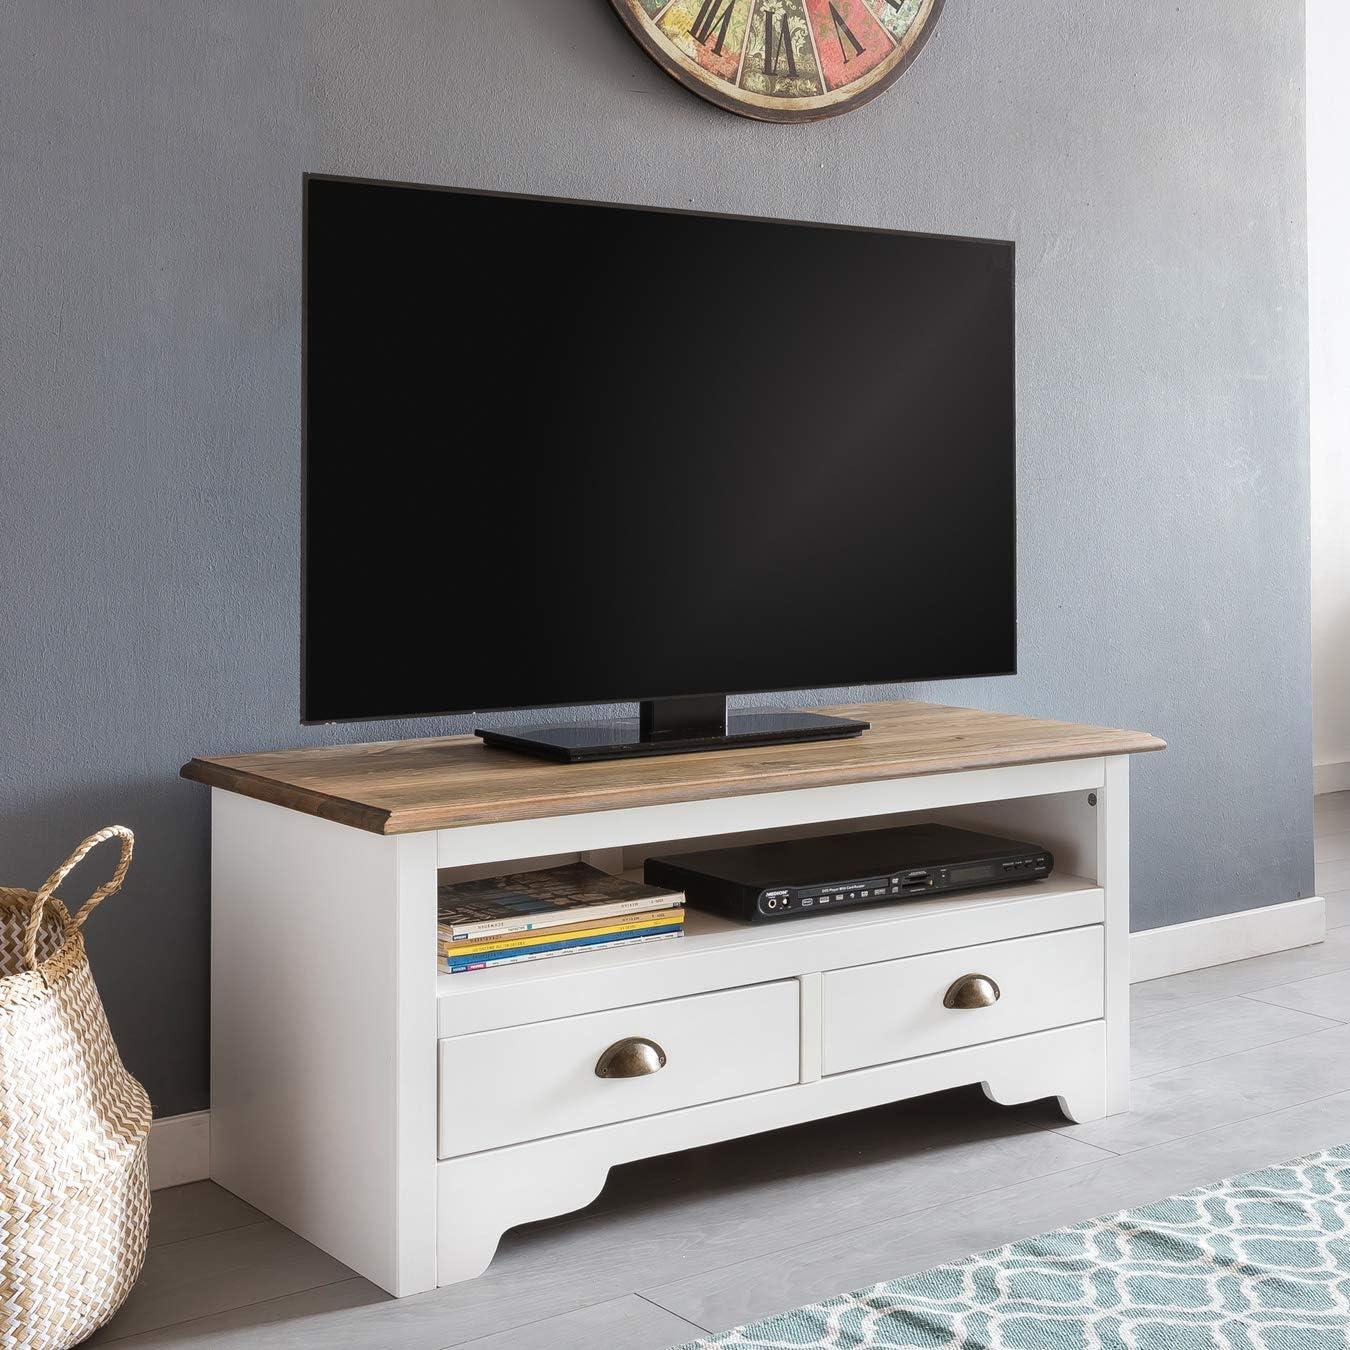 KS-Furniture Mayla - Mueble bajo para televisor (Madera Maciza de Pino, 100 x 45 x 45 cm, 2 cajones), Color Blanco: Amazon.es: Juguetes y juegos